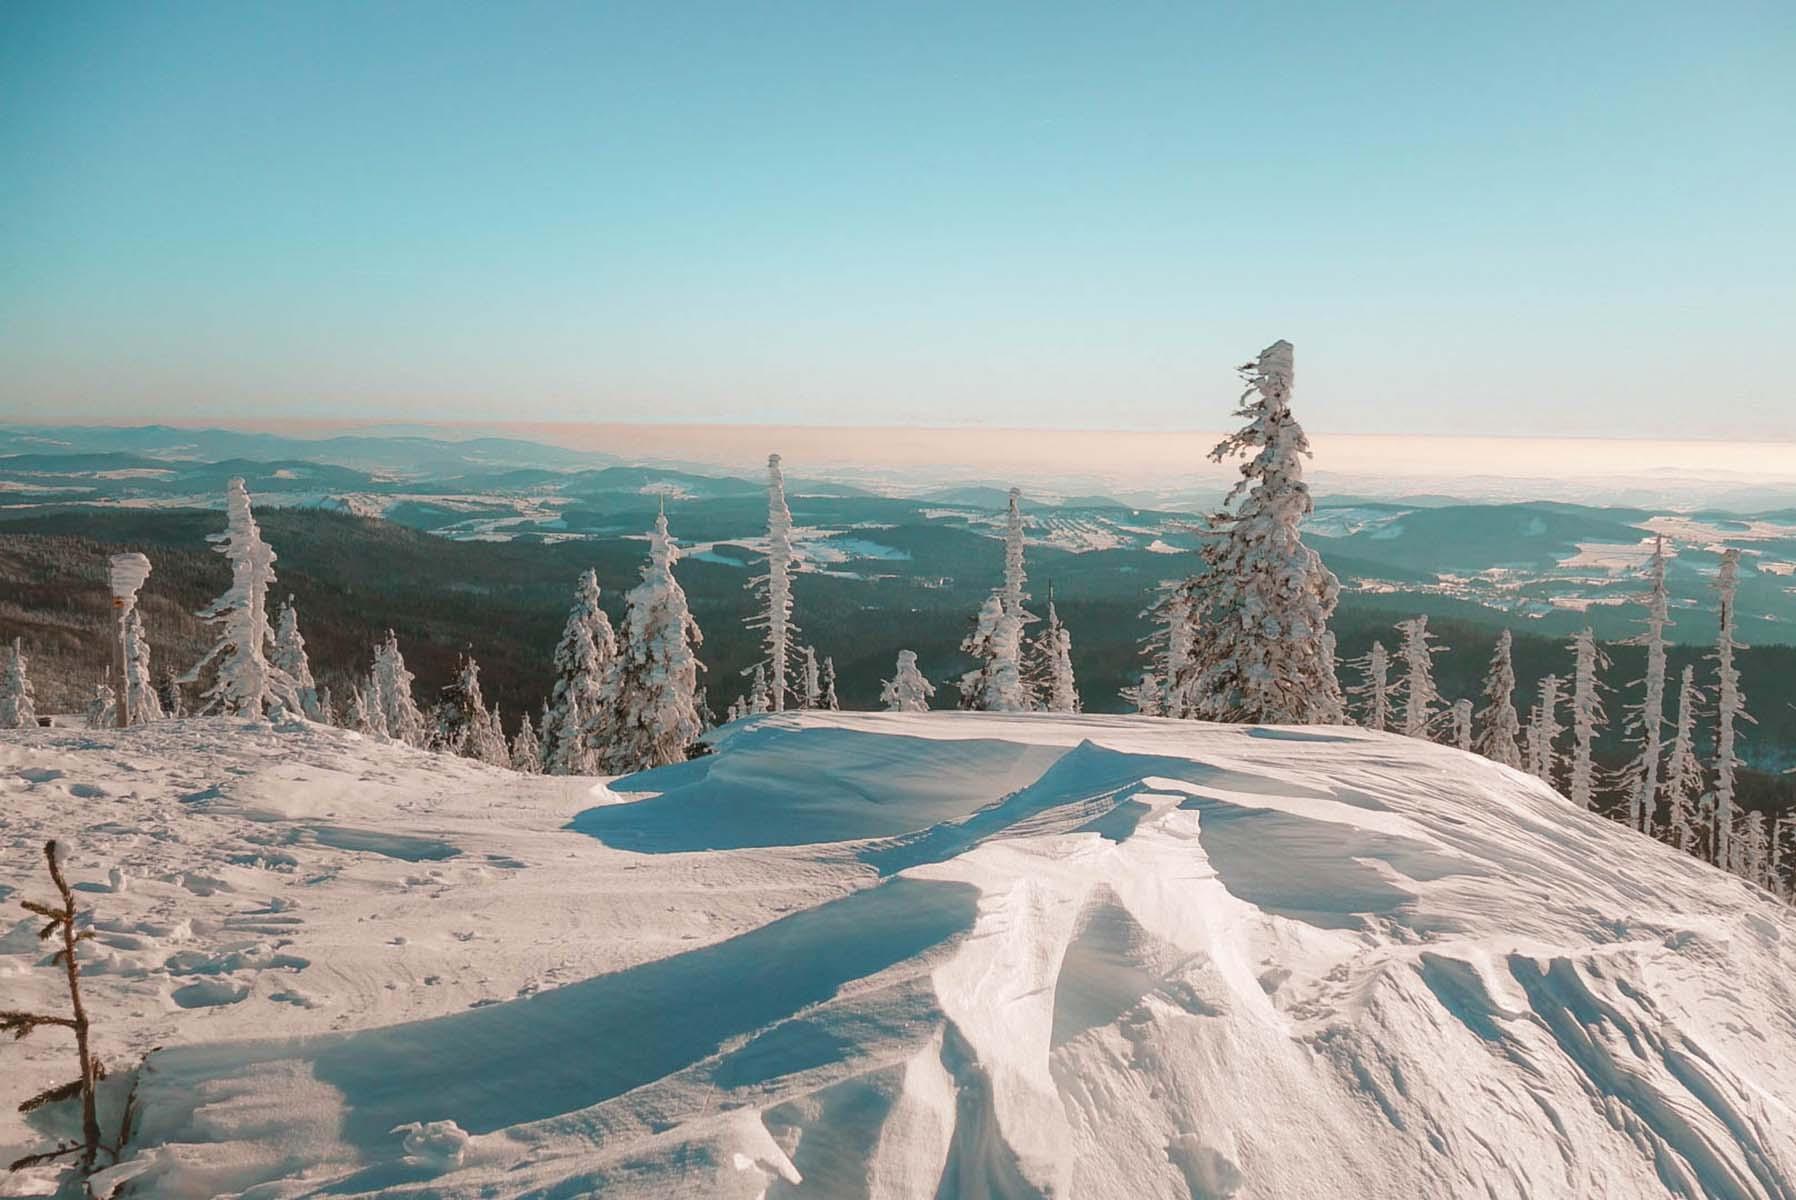 winterwanderung-lusen-winter-aussicht-01